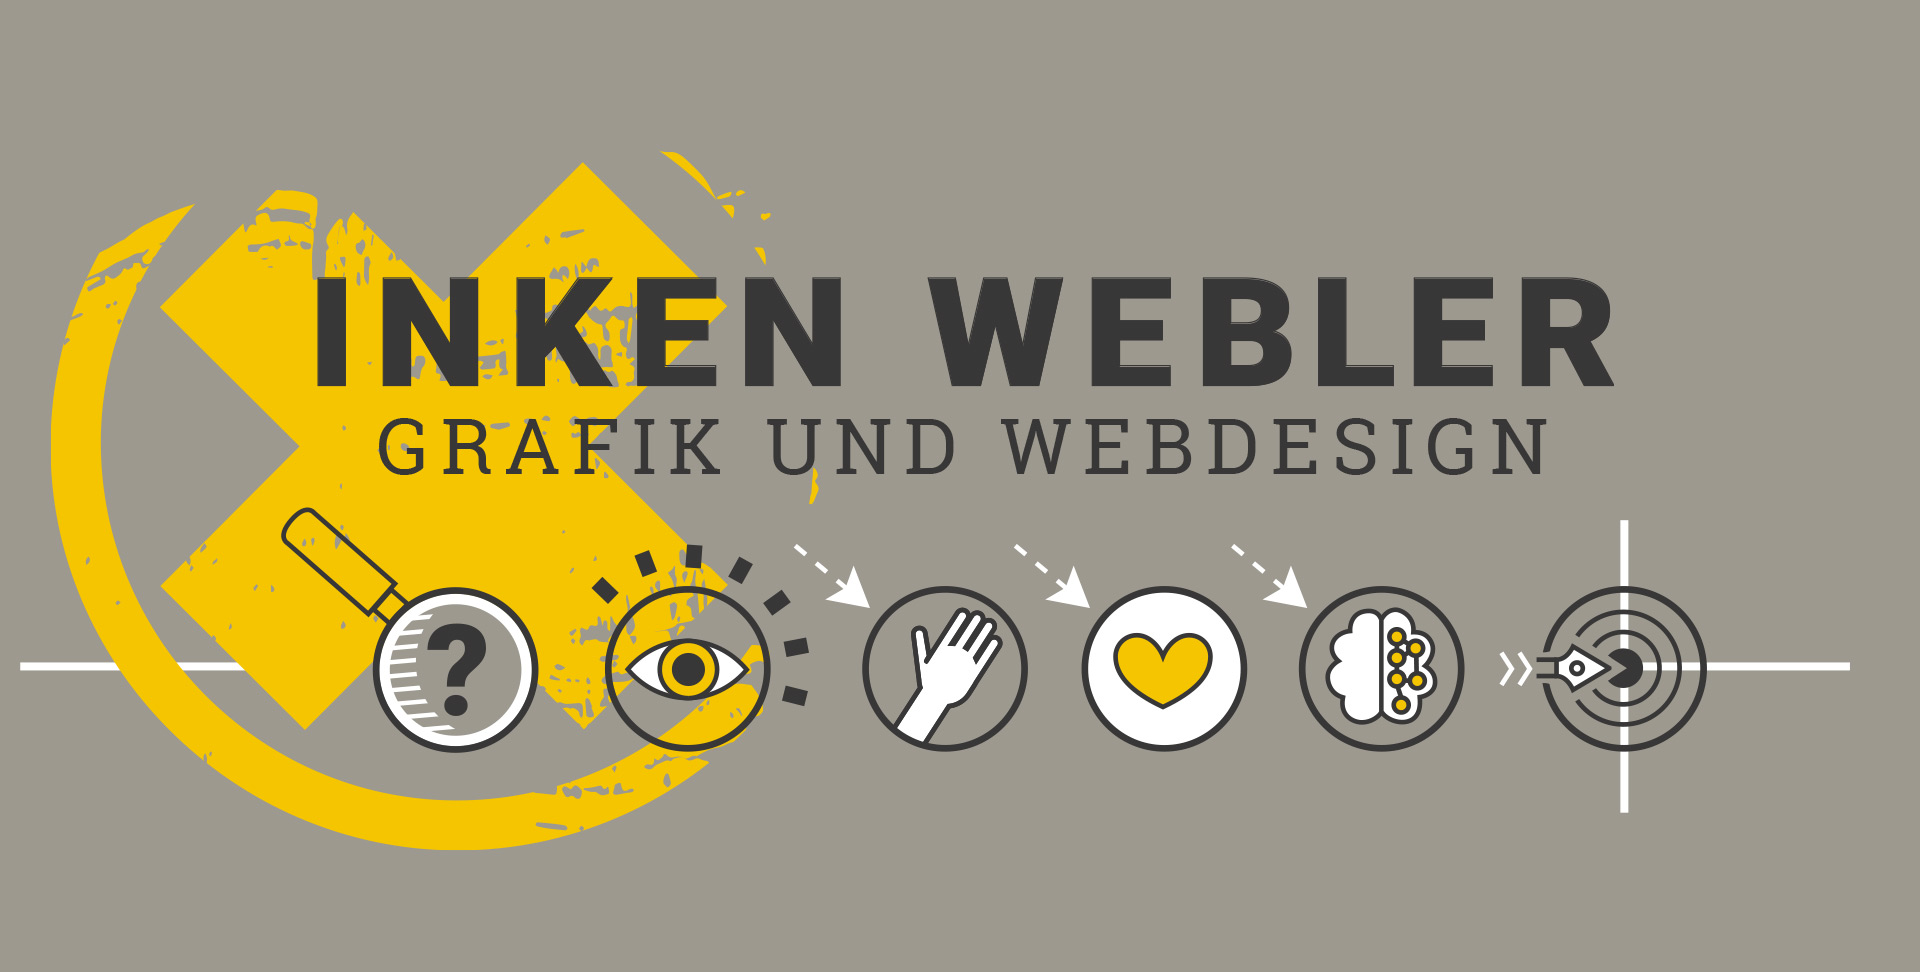 Schriftzug Inken Webler Grafik und Webdesign, darunter Icons, die den Designprozess symbolisieren, Lupe, Auge, Hand, Herz, Hirn und Zielscheibe